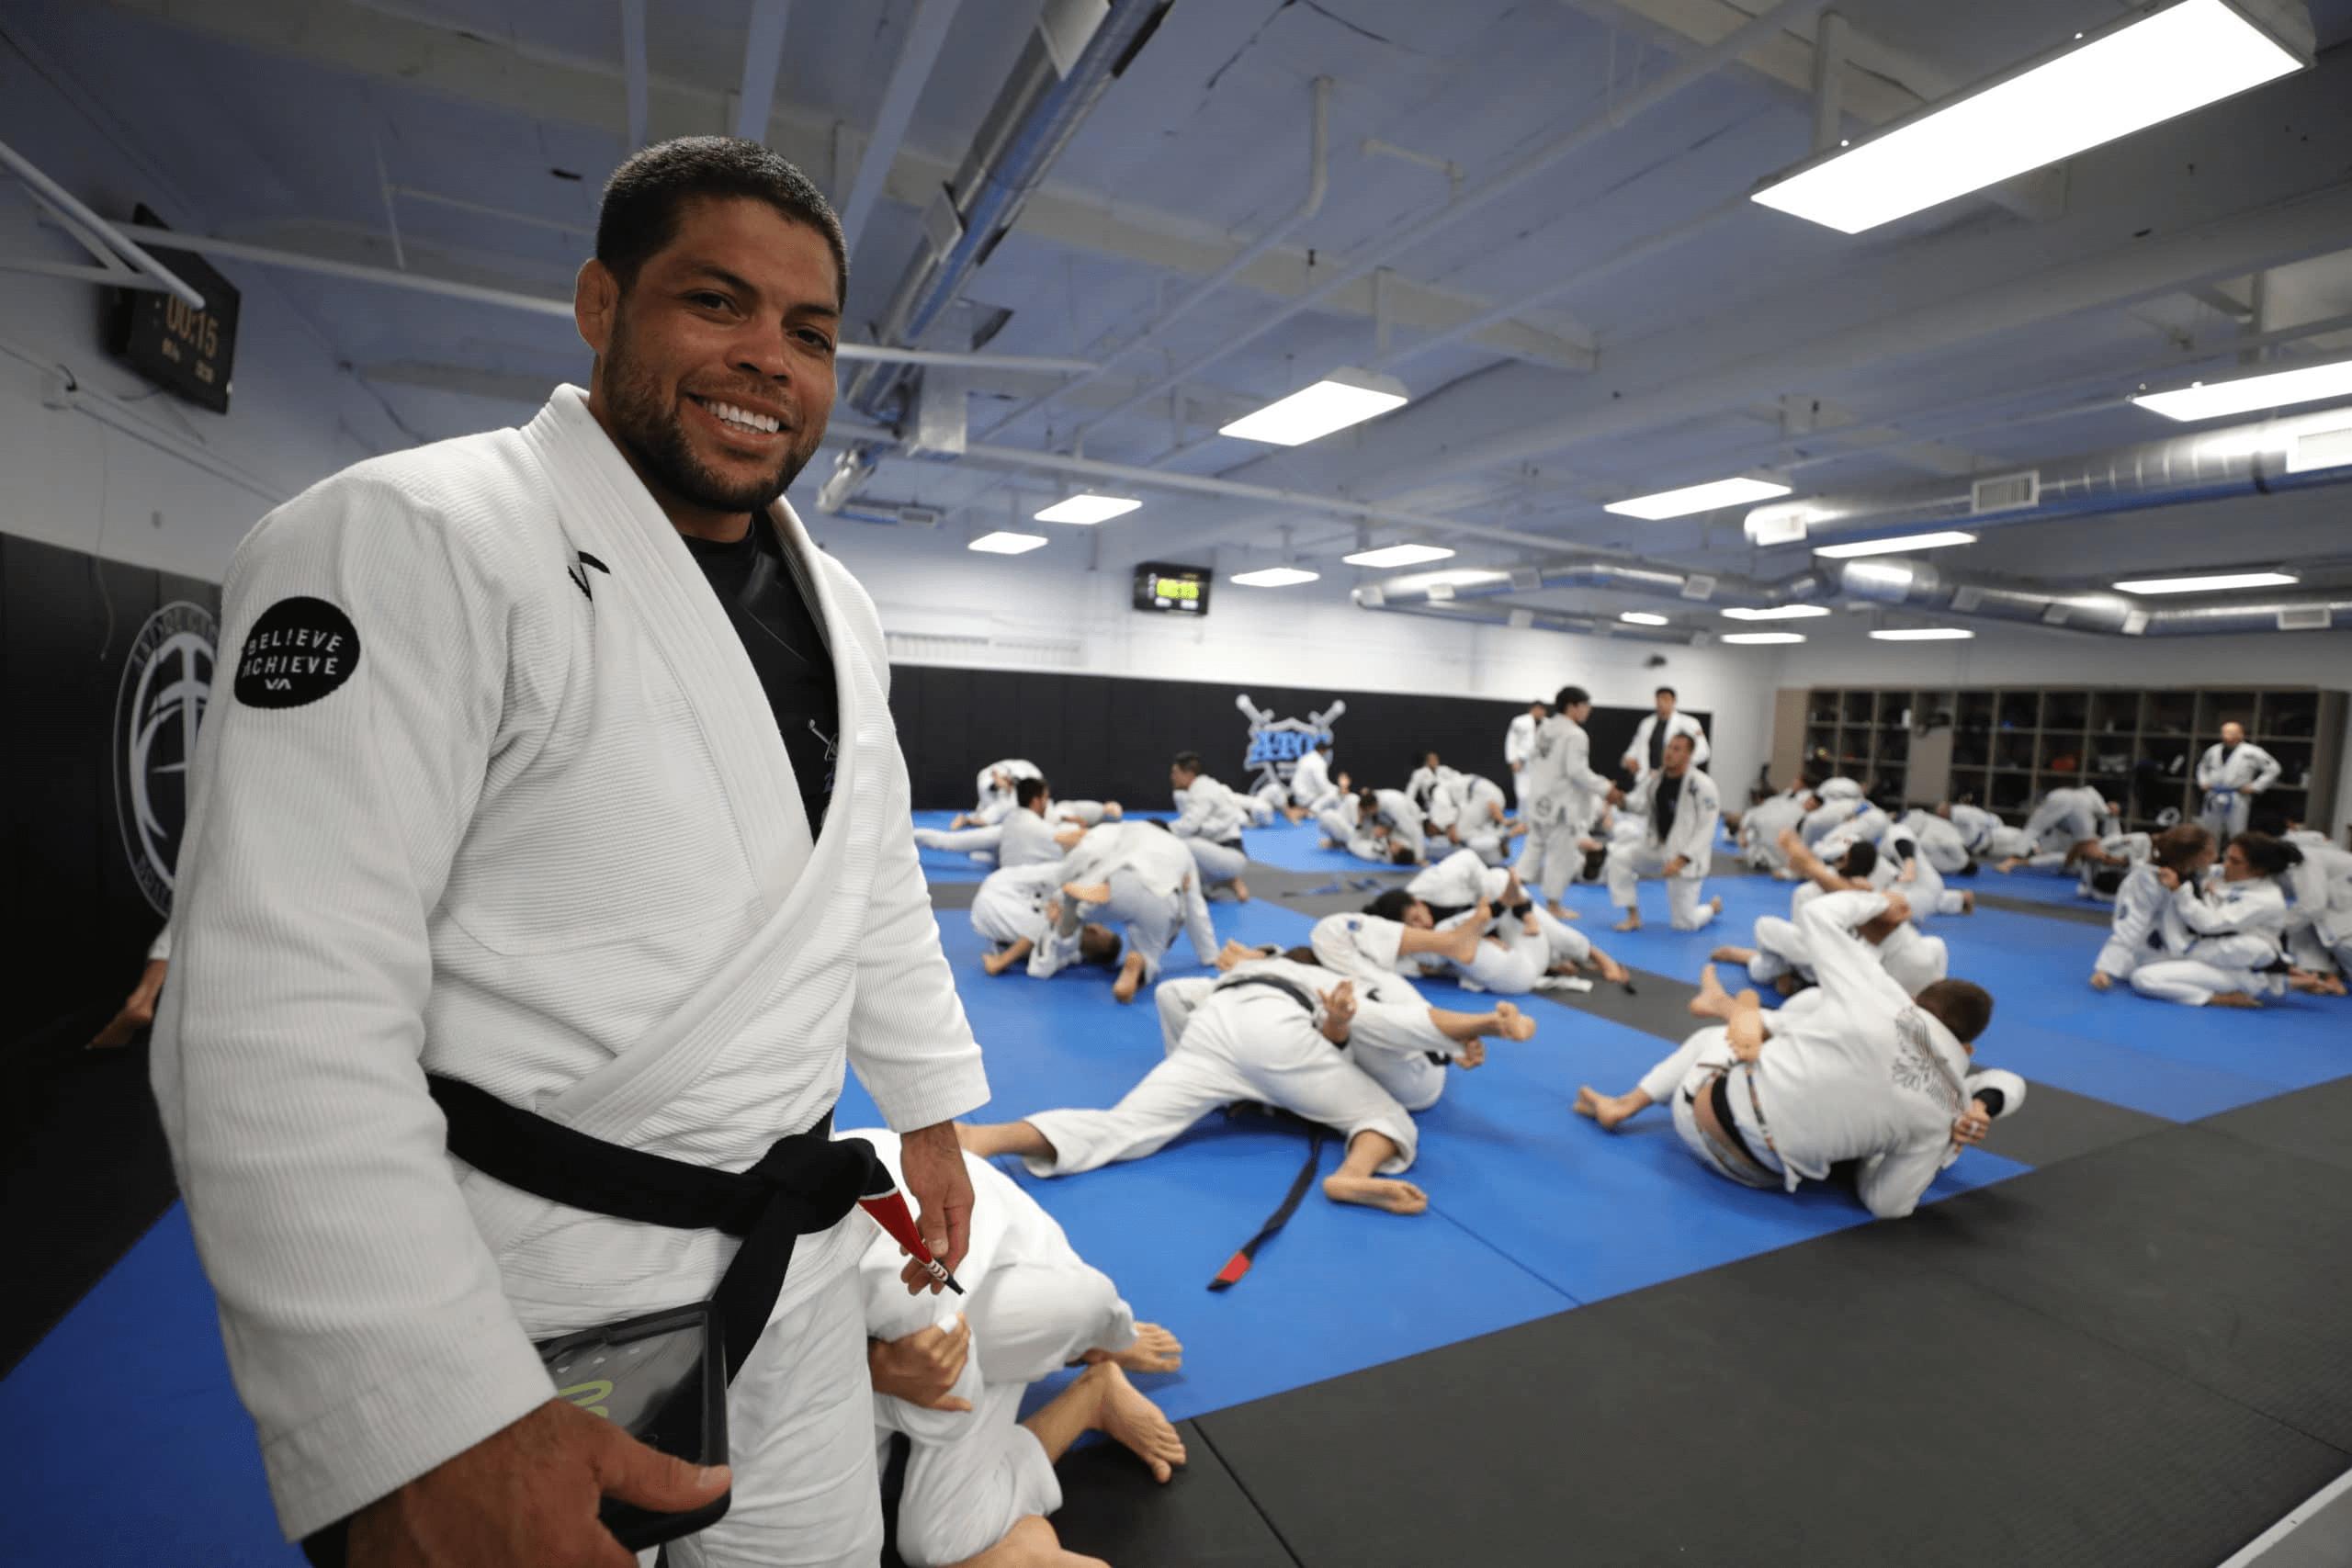 Andre Galvao Jiu Jitsu In 2020 Bjj Jiu Jitsu Fighter Bjj Training